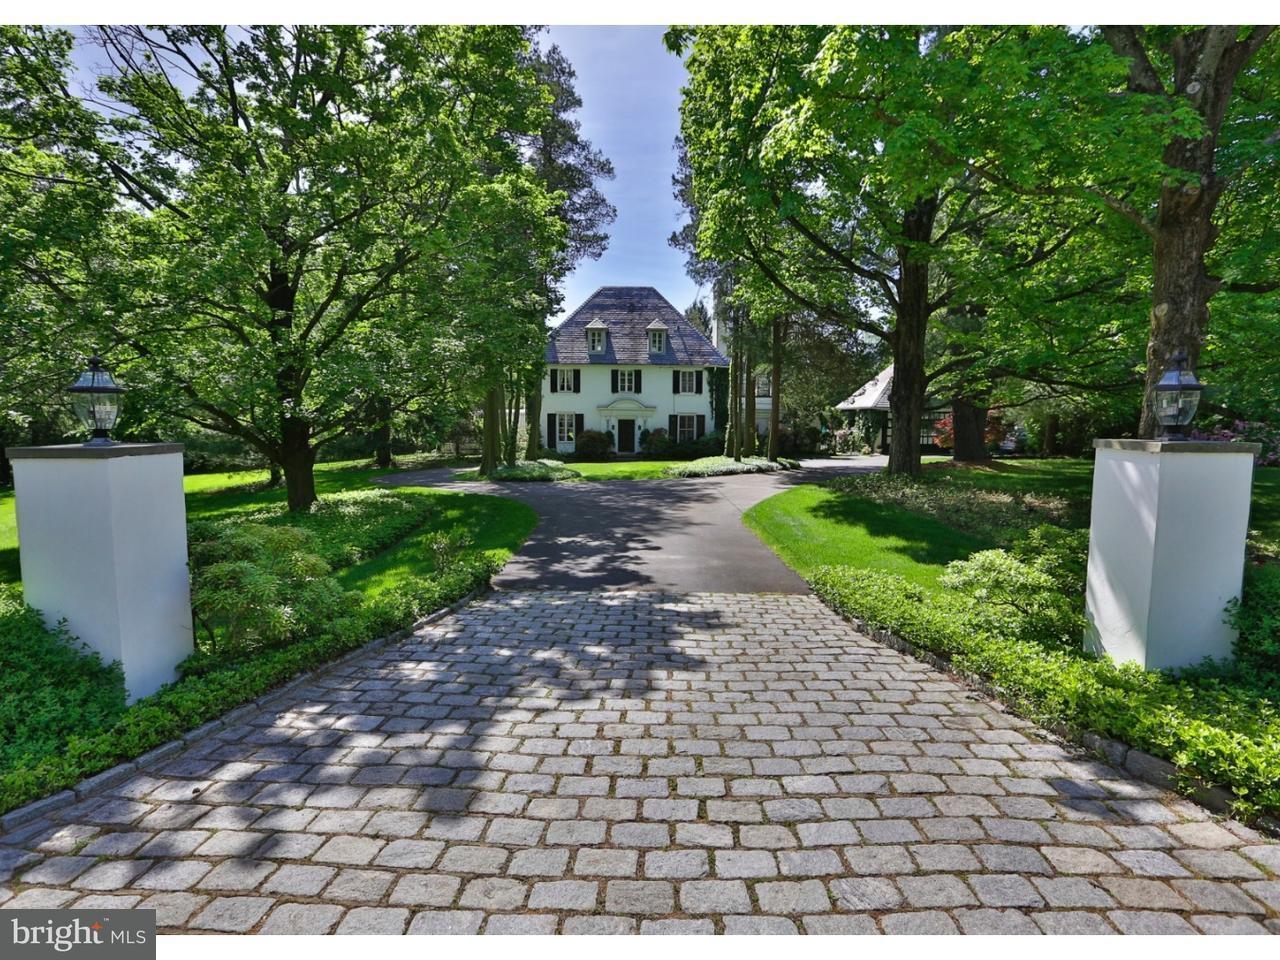 独户住宅 为 销售 在 2151 WASHINGTON Lane 亨廷顿谷, 宾夕法尼亚州 19006 美国